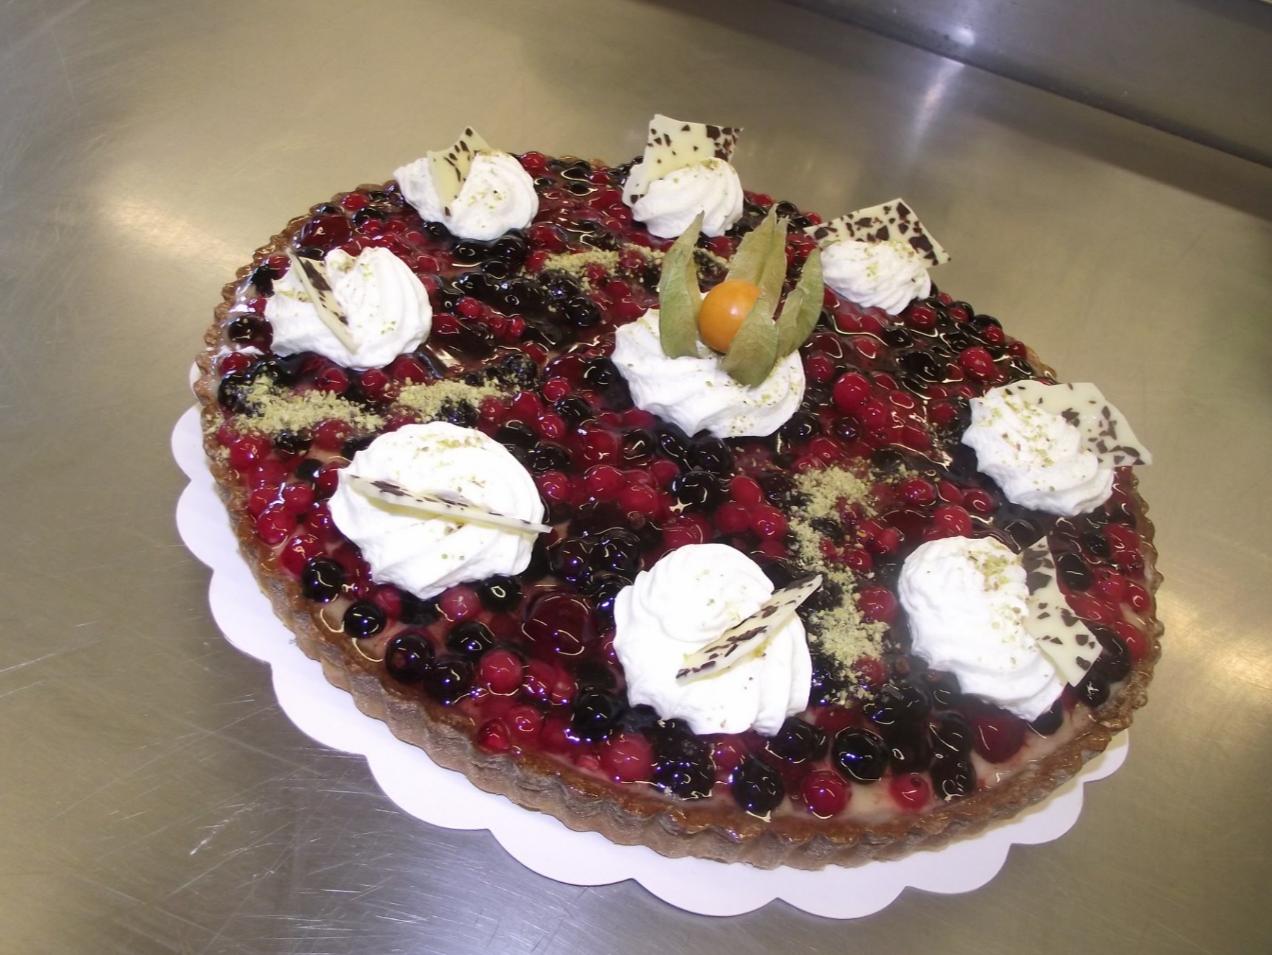 tarte aux fruits rouges 10-12 parts